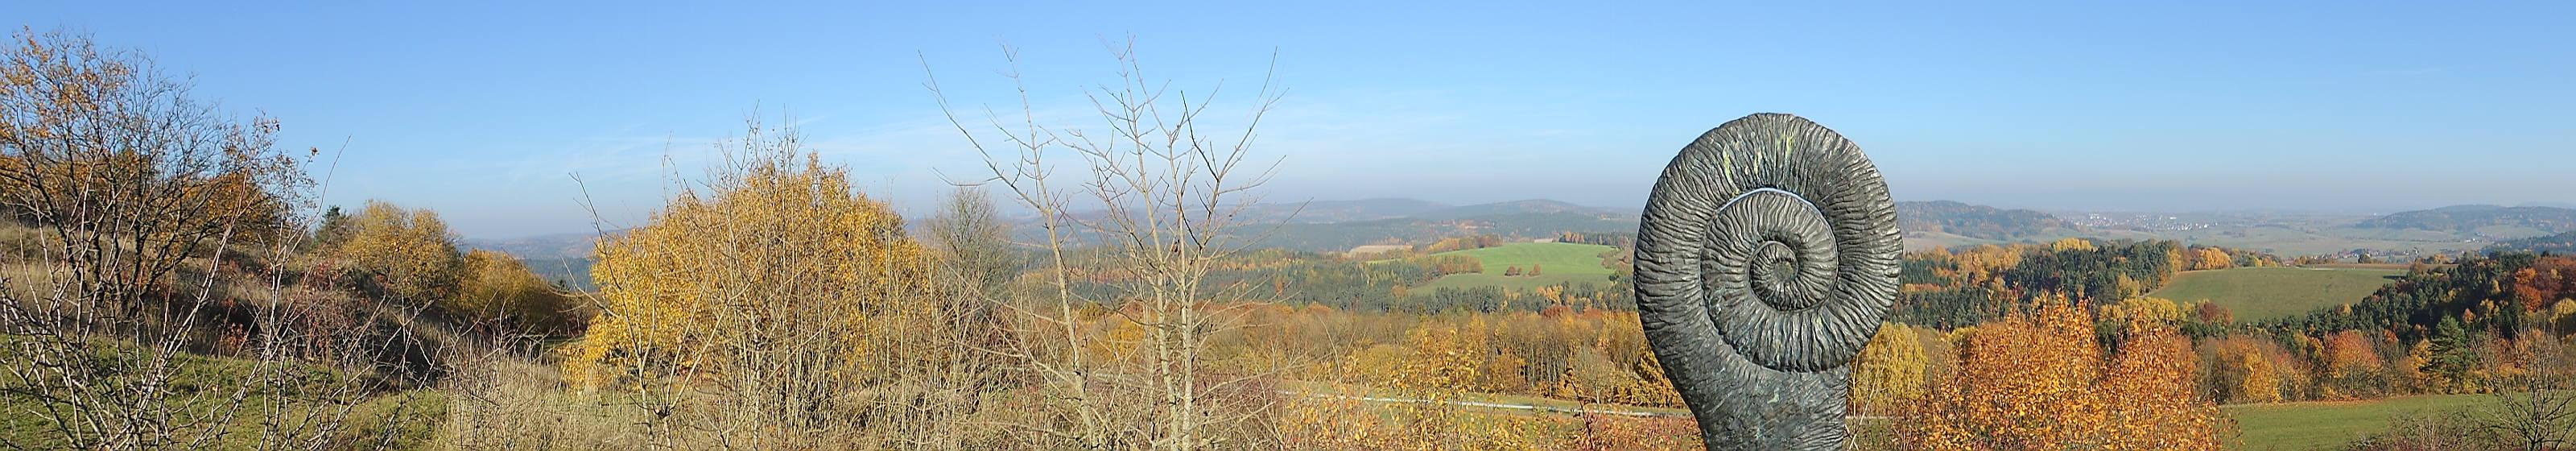 Neubürg - Panorama 001